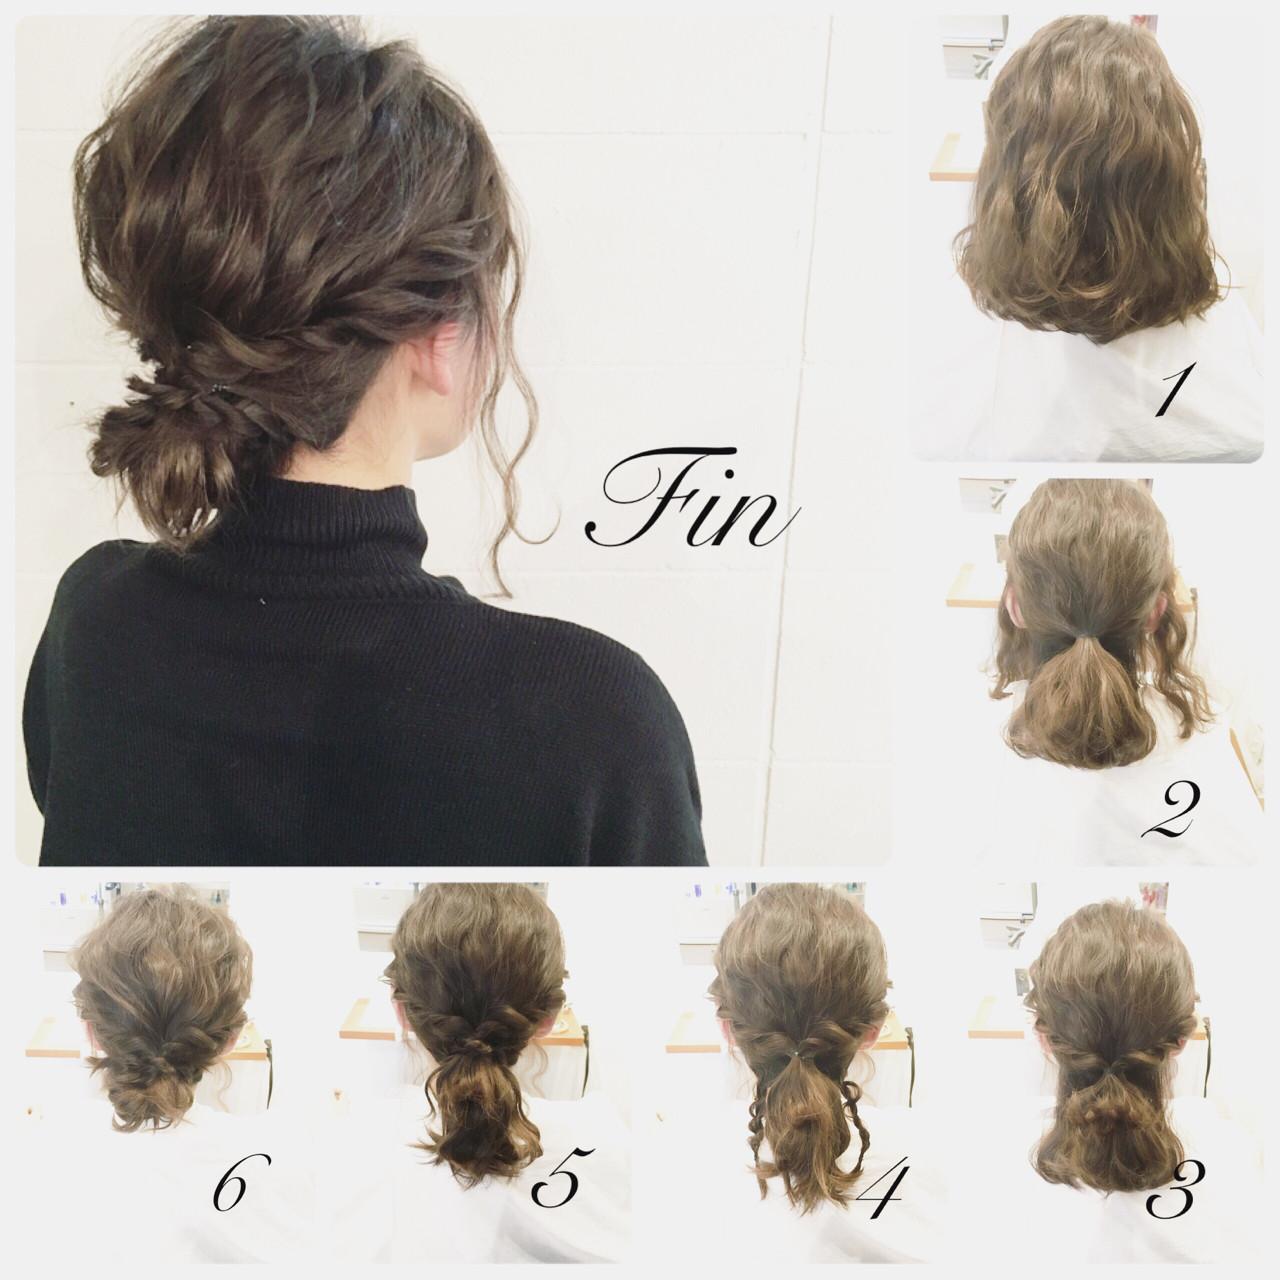 ルーズなボブアレンジ☆☆ 【やり方】 1、全体にウェーブをつけます。 2、後ろの襟足を残してゴムでくくります。 3、サイドをねじって後ろでくくります。 4、襟足の髪をツイストし、 5、ゴムでくくってるところに巻きつけてピンでとめます。 6、毛先を丸めてピンでとめたら完成♫♫♫ やってみてください(^ー^)ノ